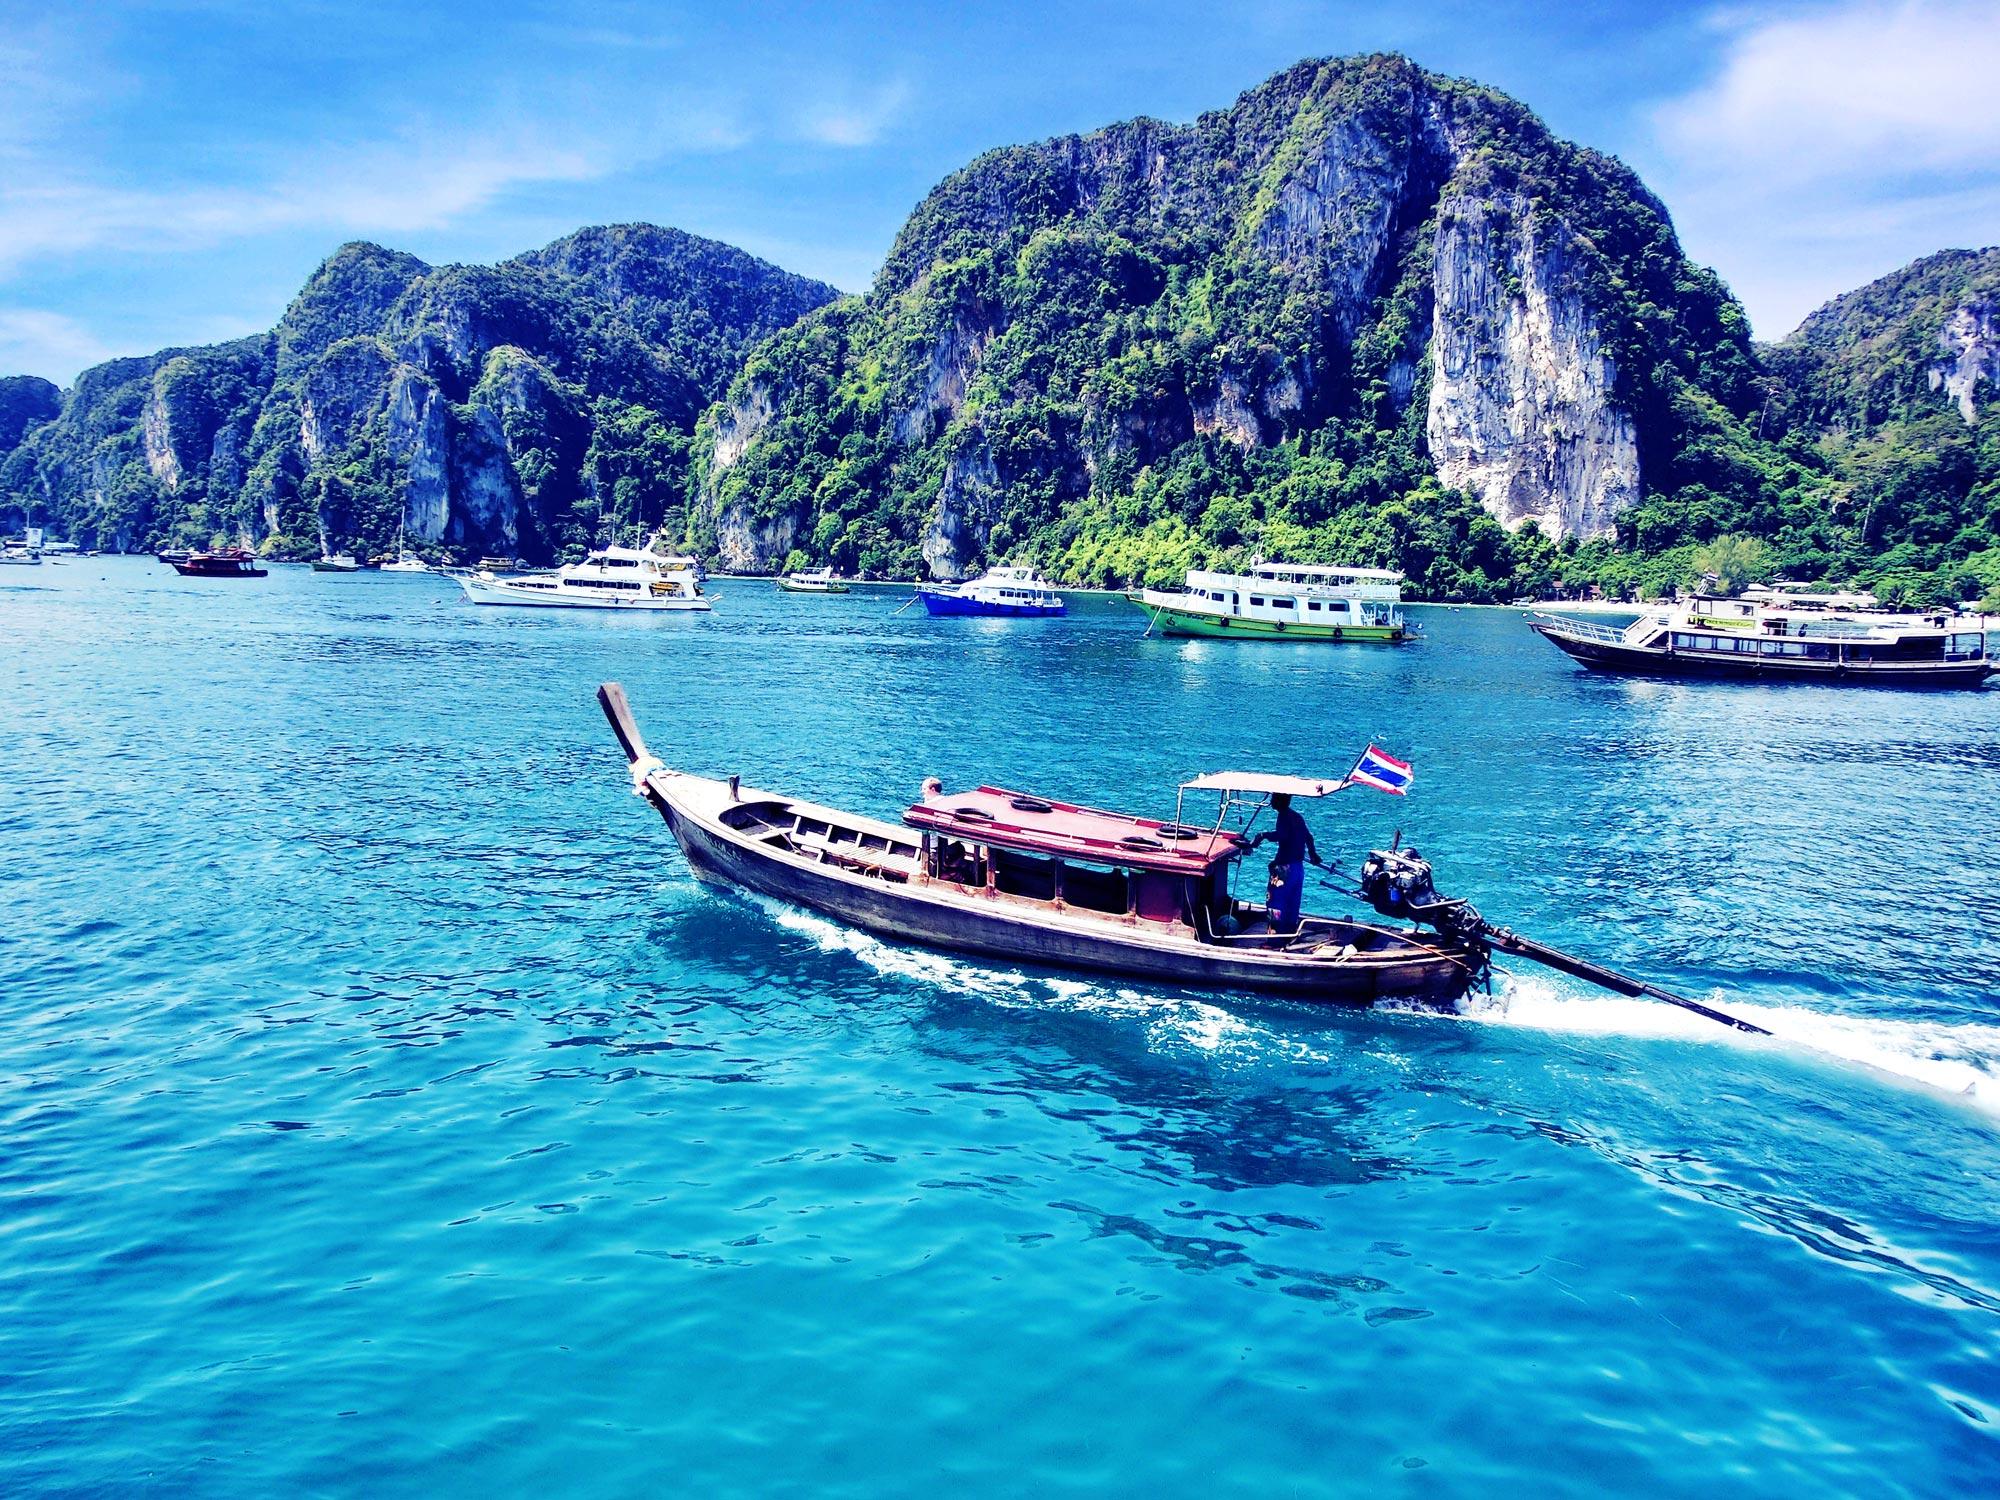 Mu Koh Phi Phi